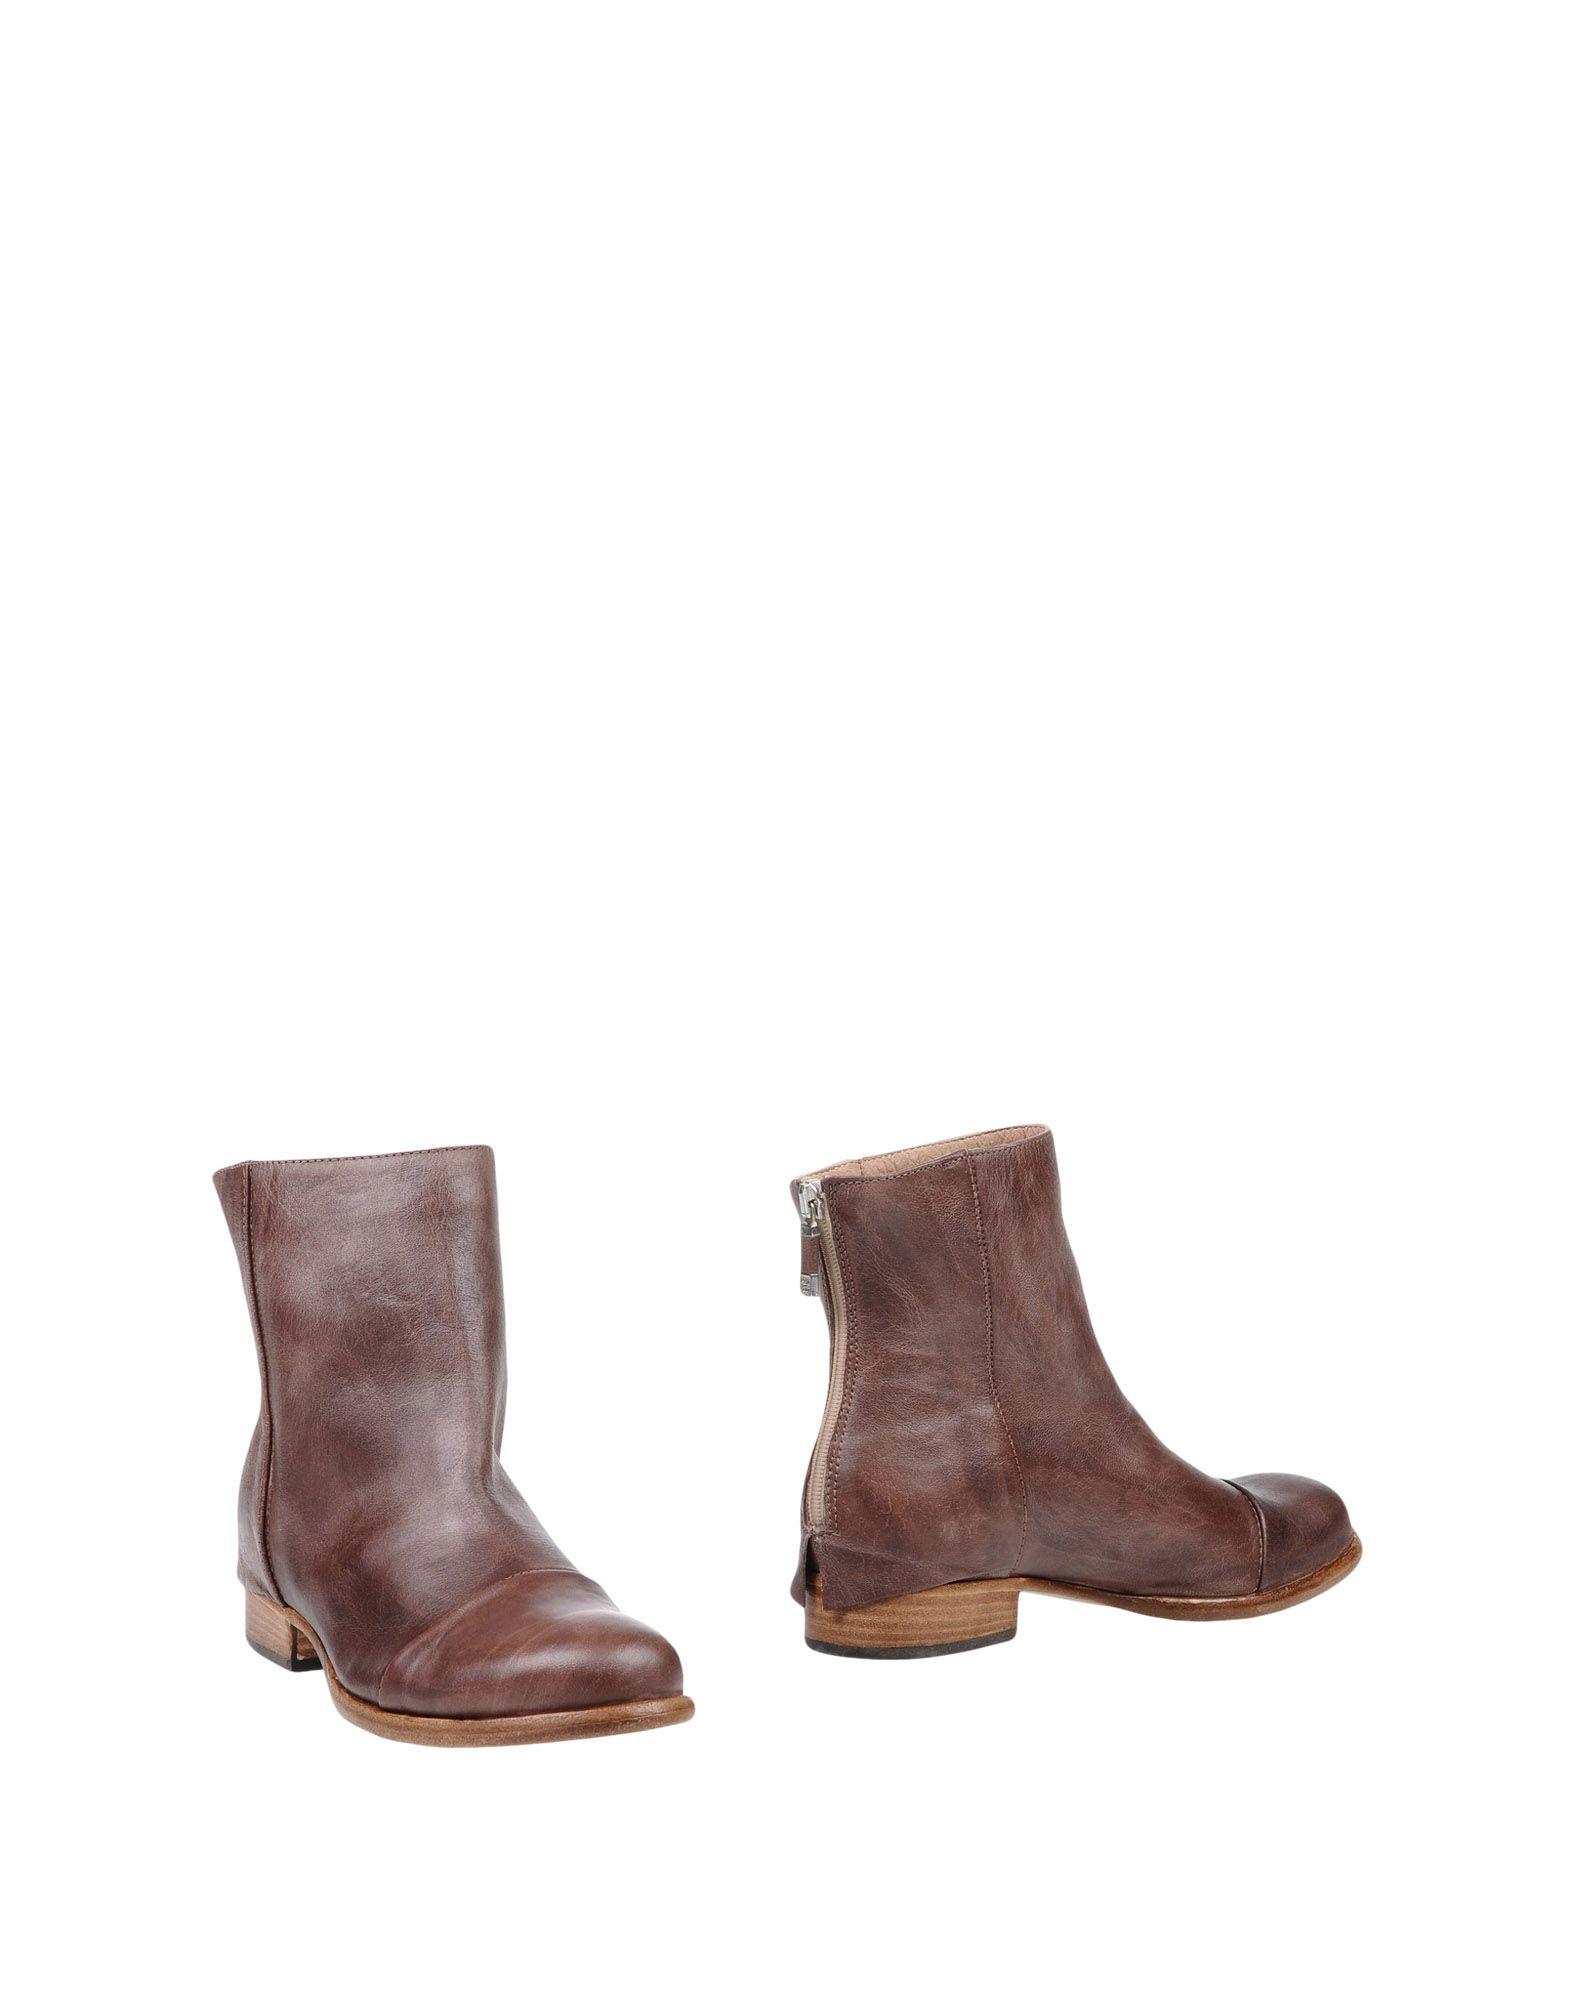 Alberto Fermani Stiefelette Damen  11380782FC Gute Qualität beliebte Schuhe